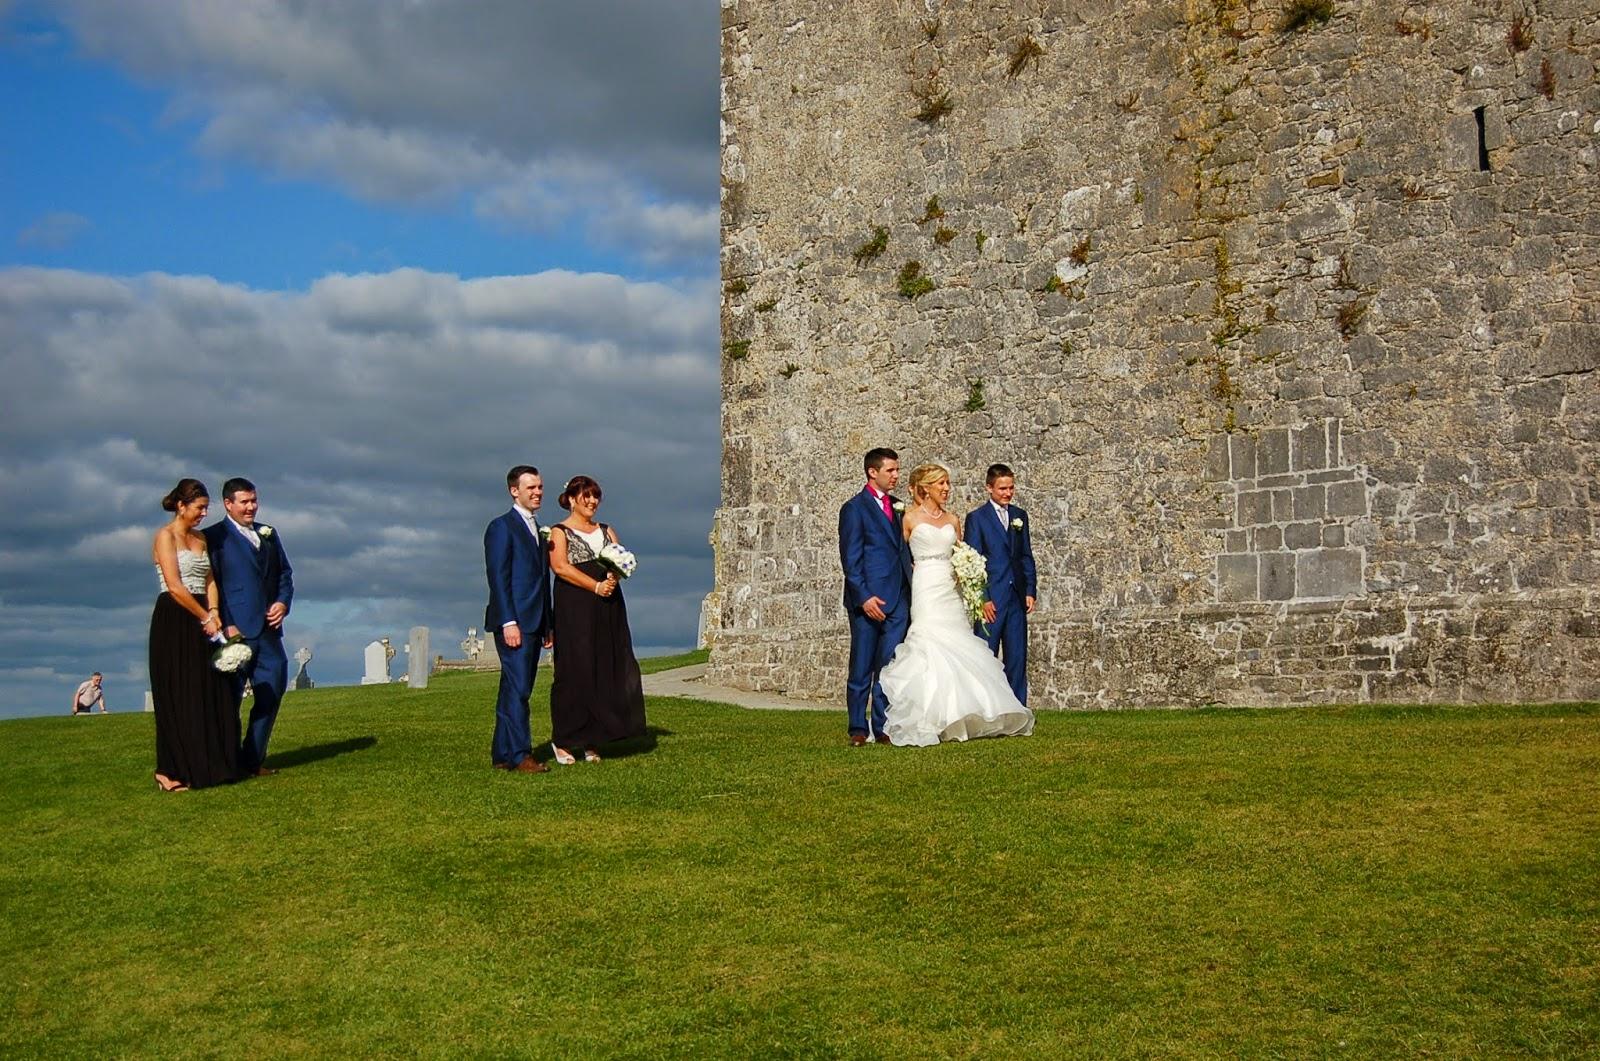 casamento em rock of cashel, irlanda